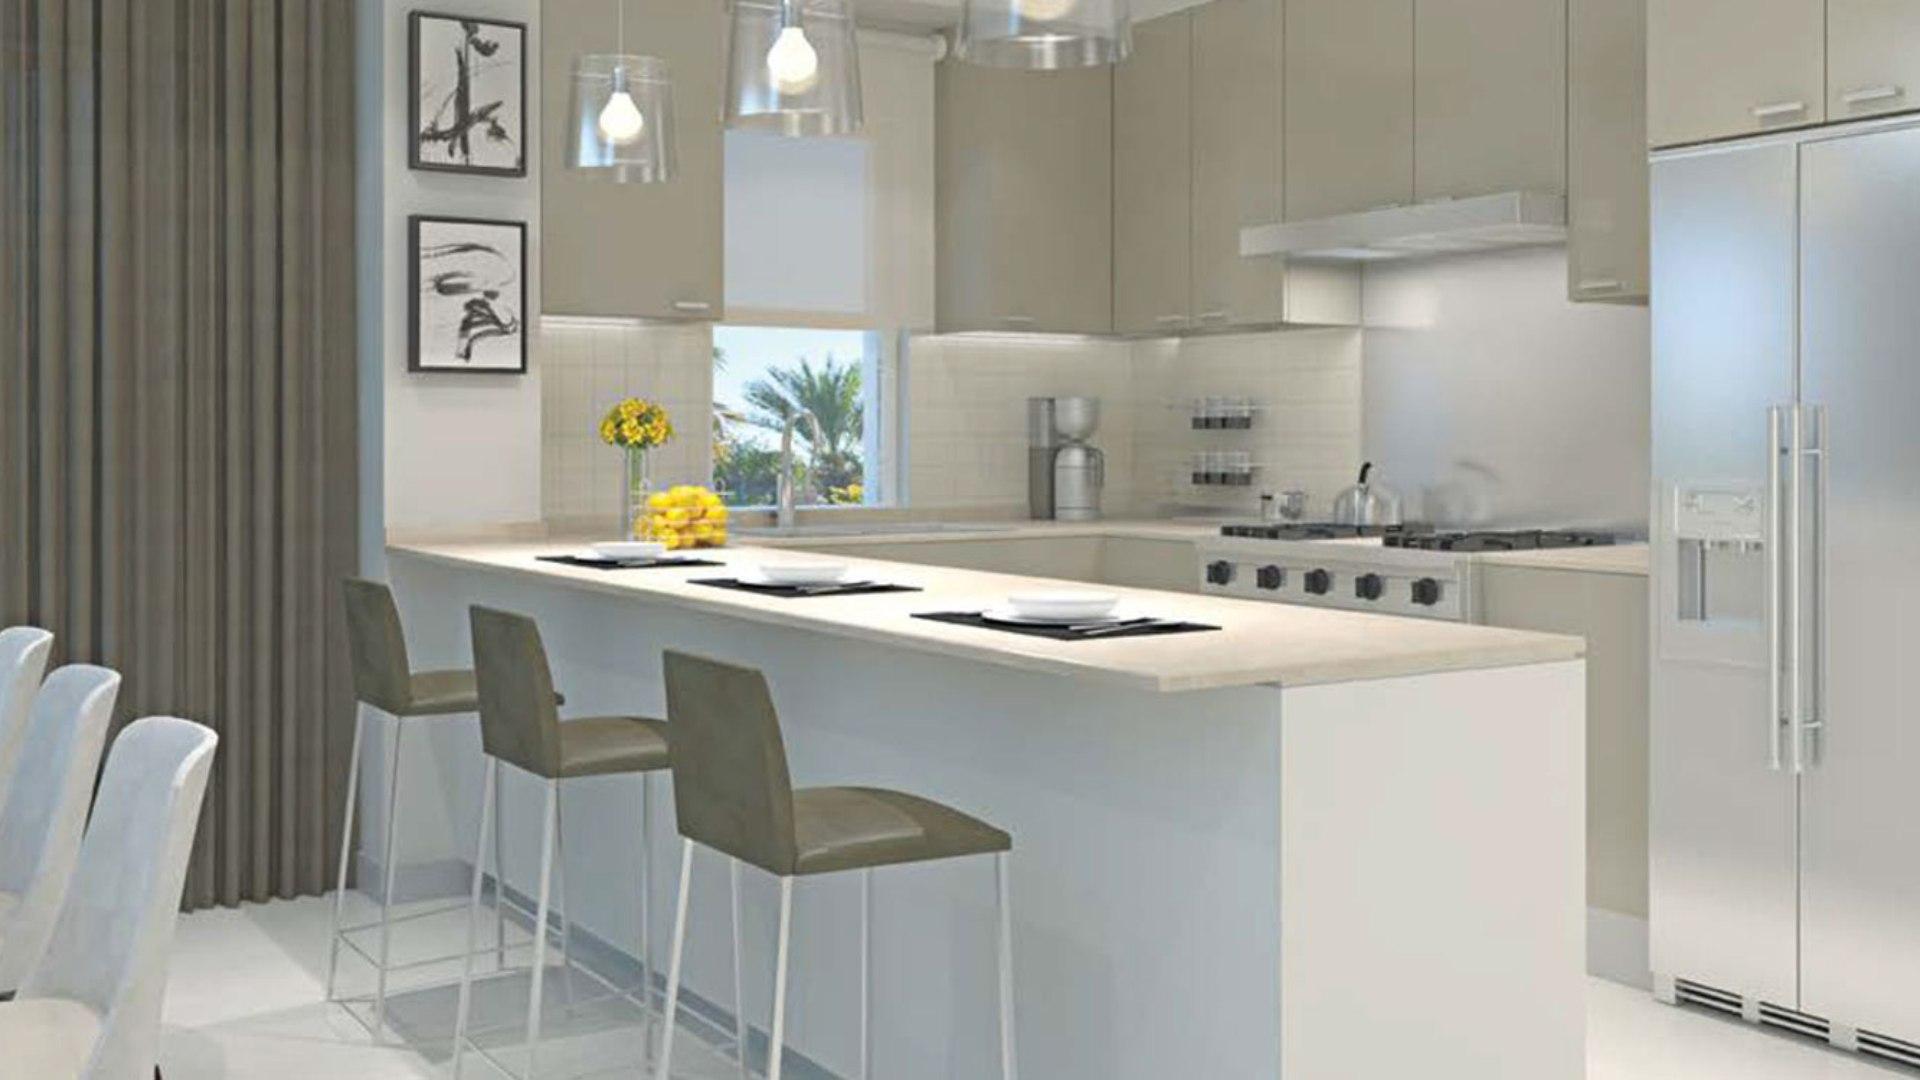 Adosado en venta en Dubai, EAU, 4 dormitorios, 292 m2, № 24375 – foto 4